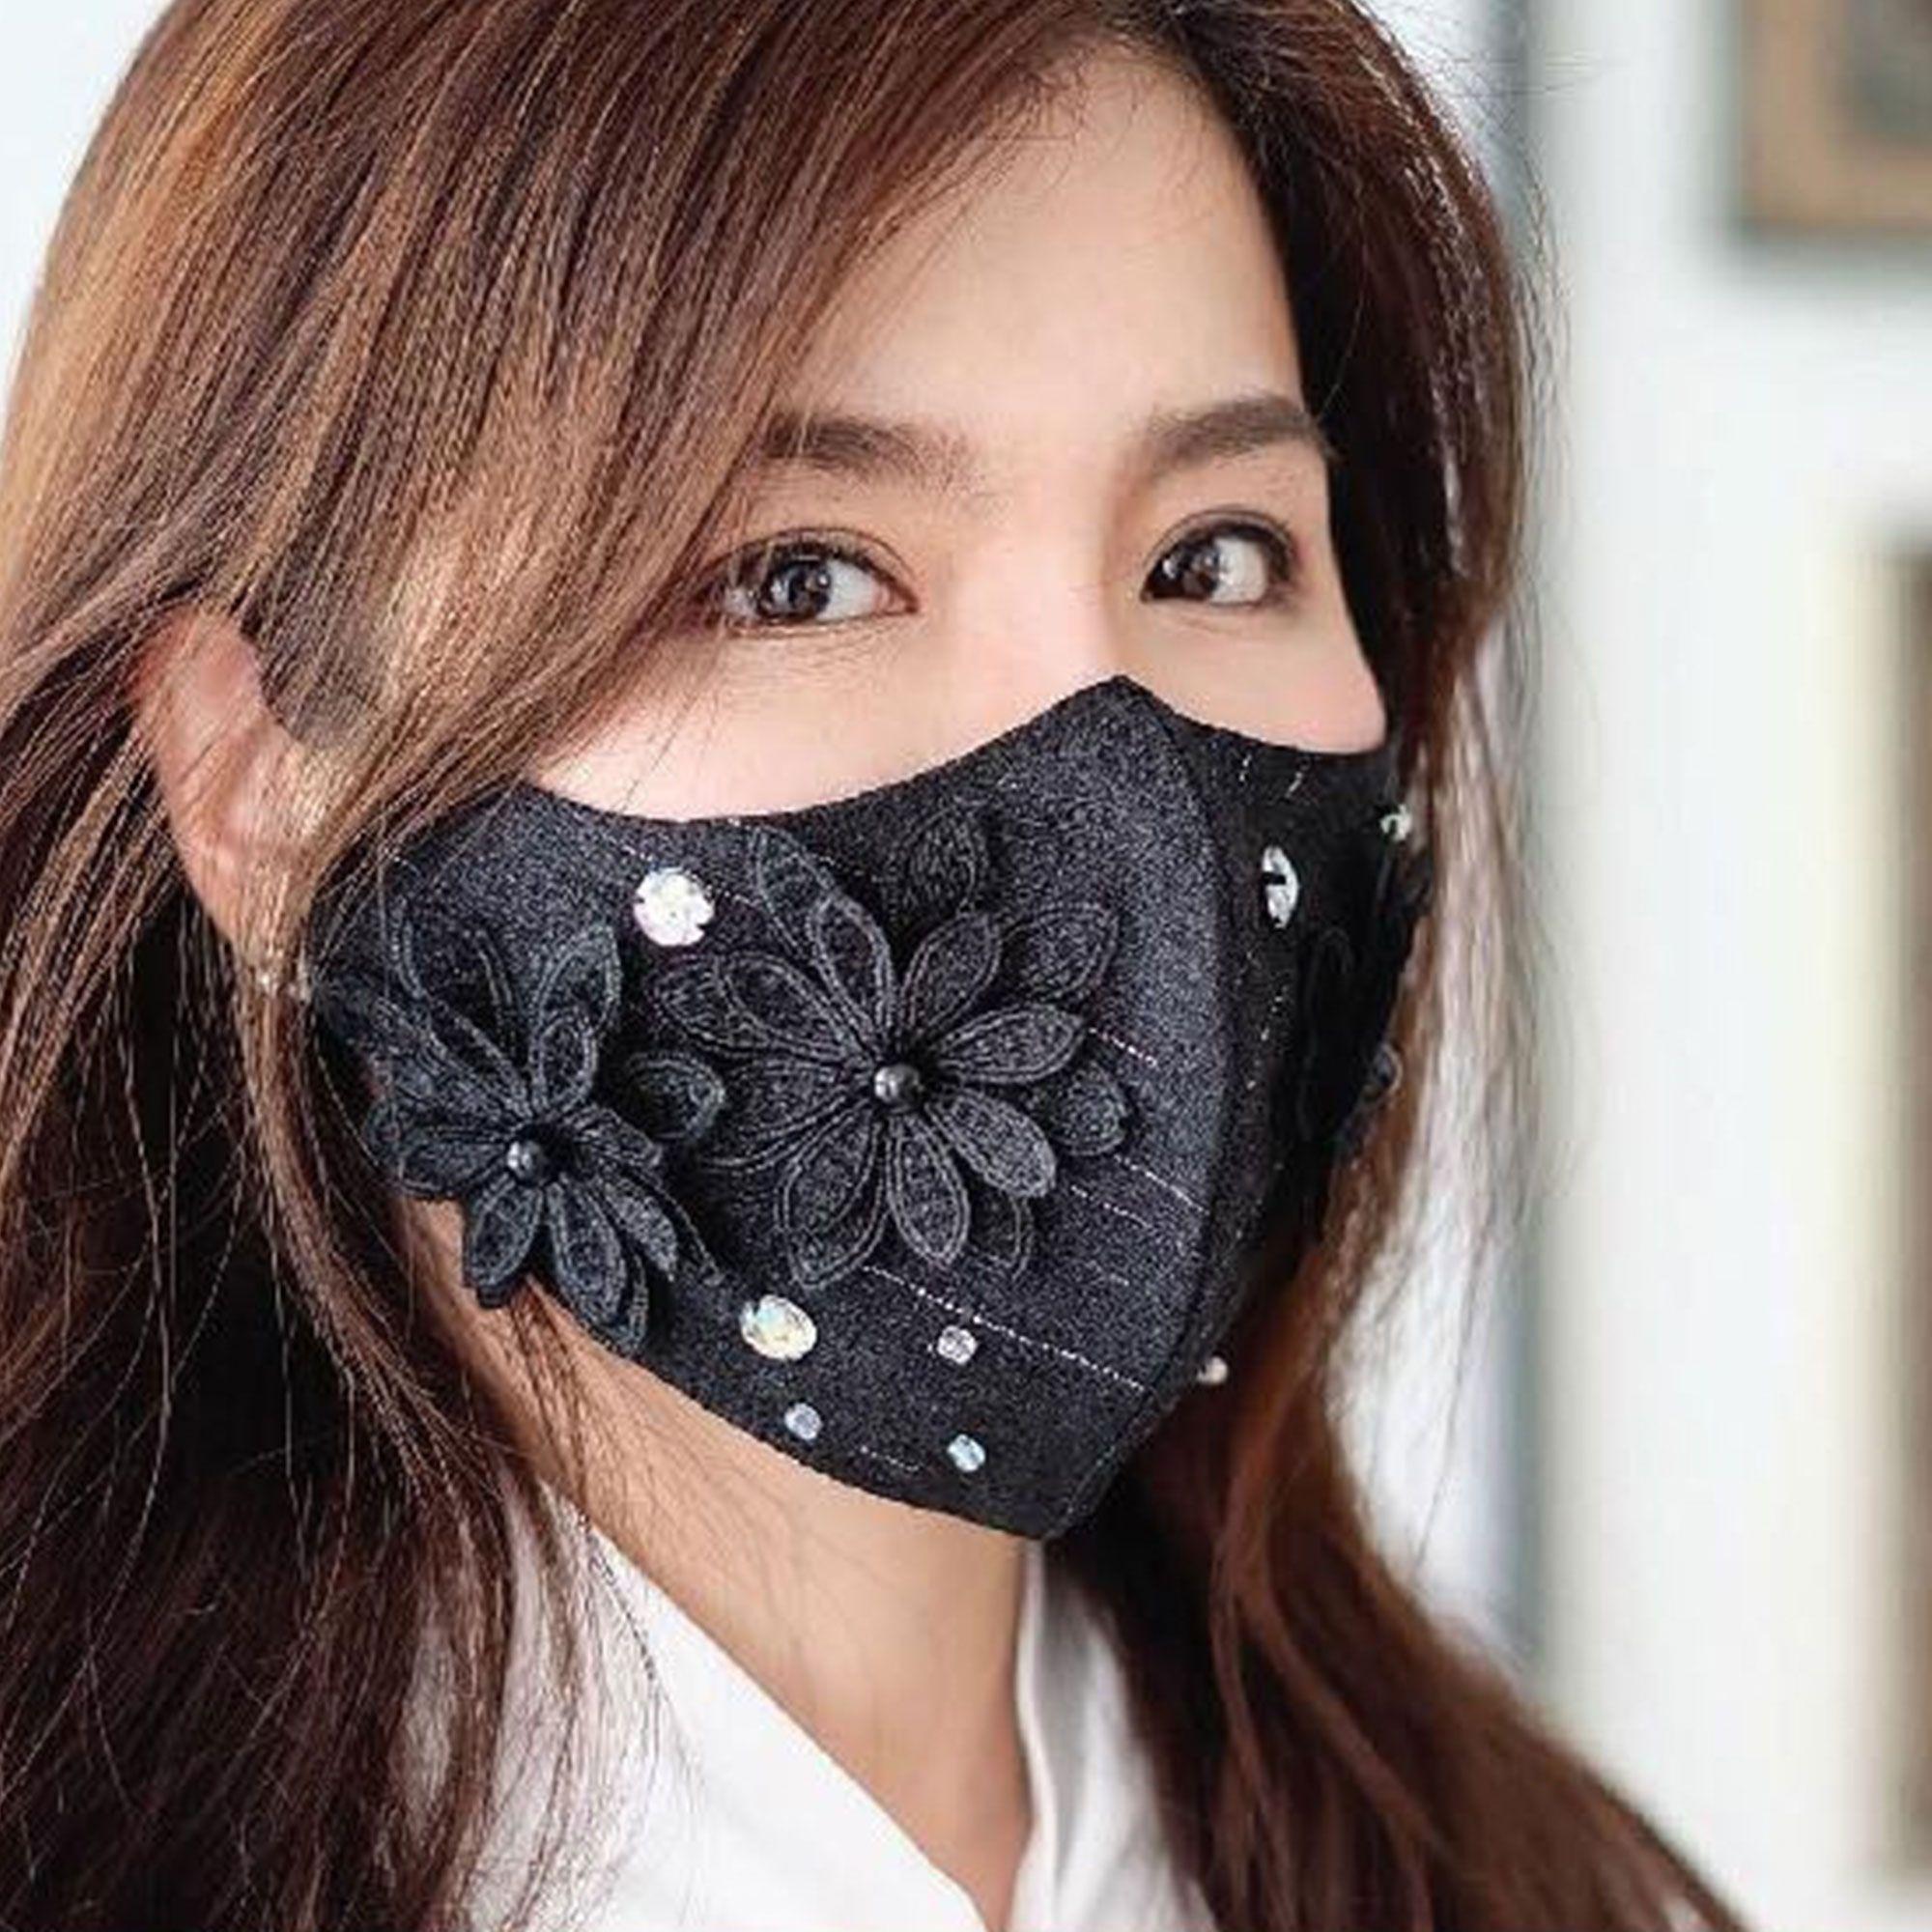 Pin on Fashion mask